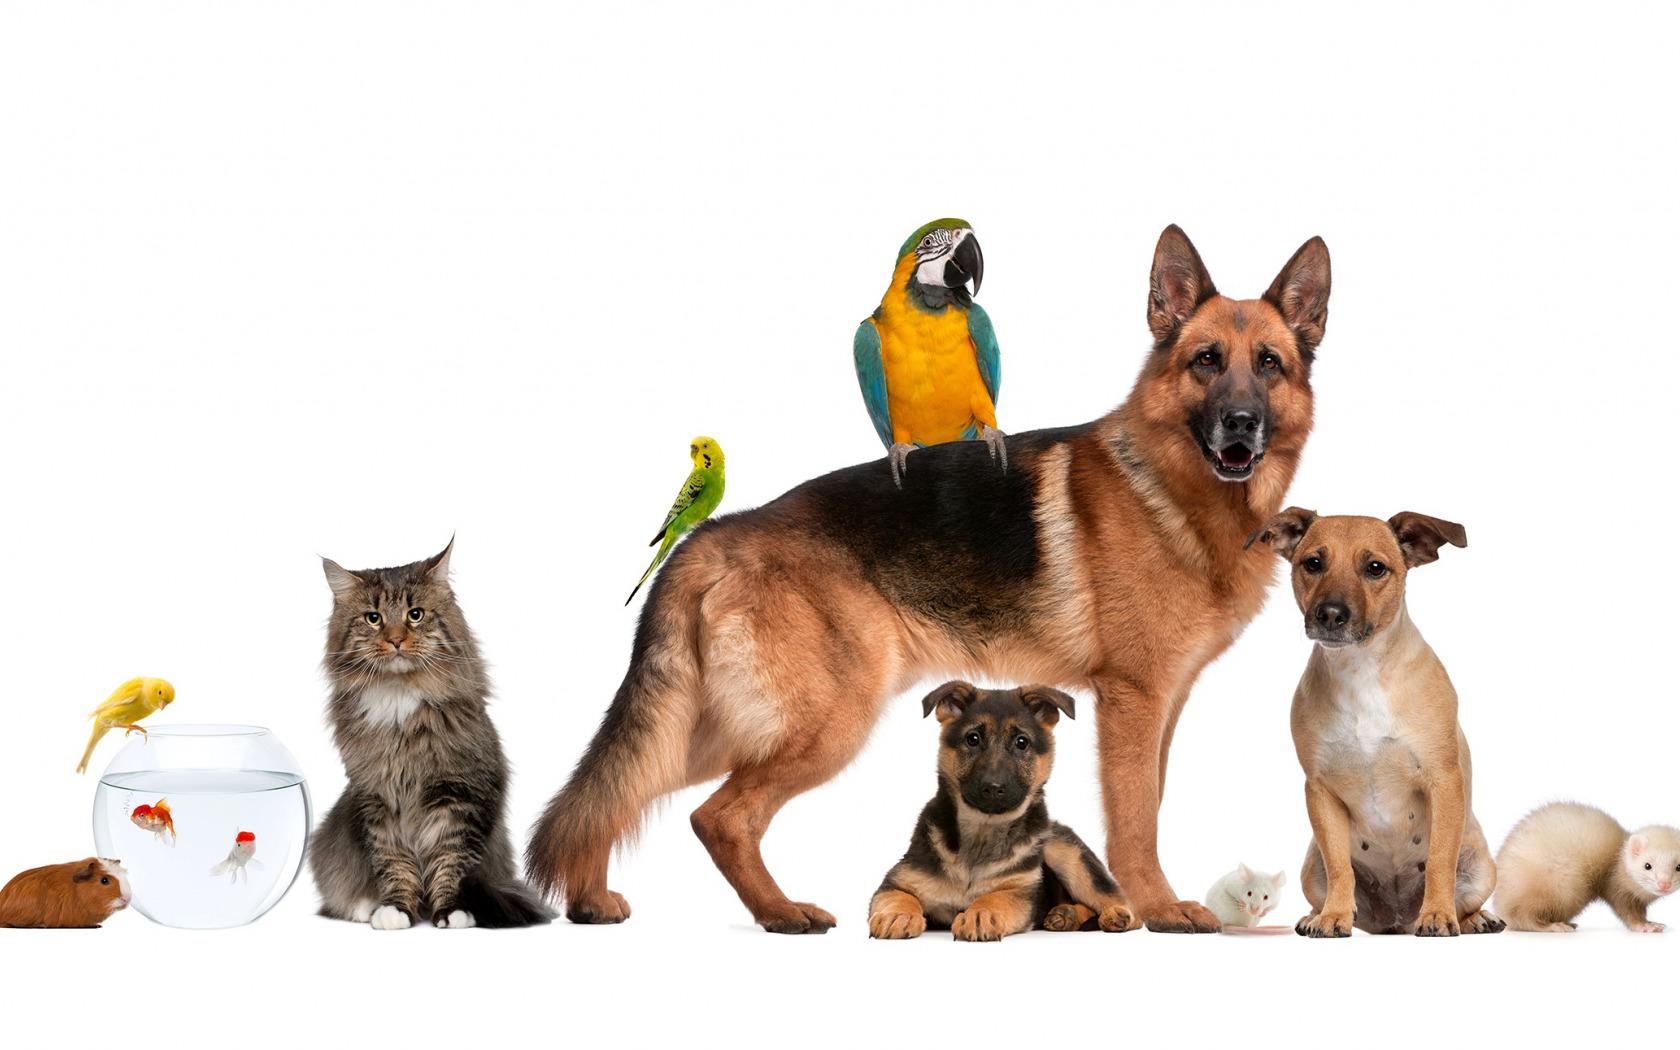 Обои для презентации домашние животные